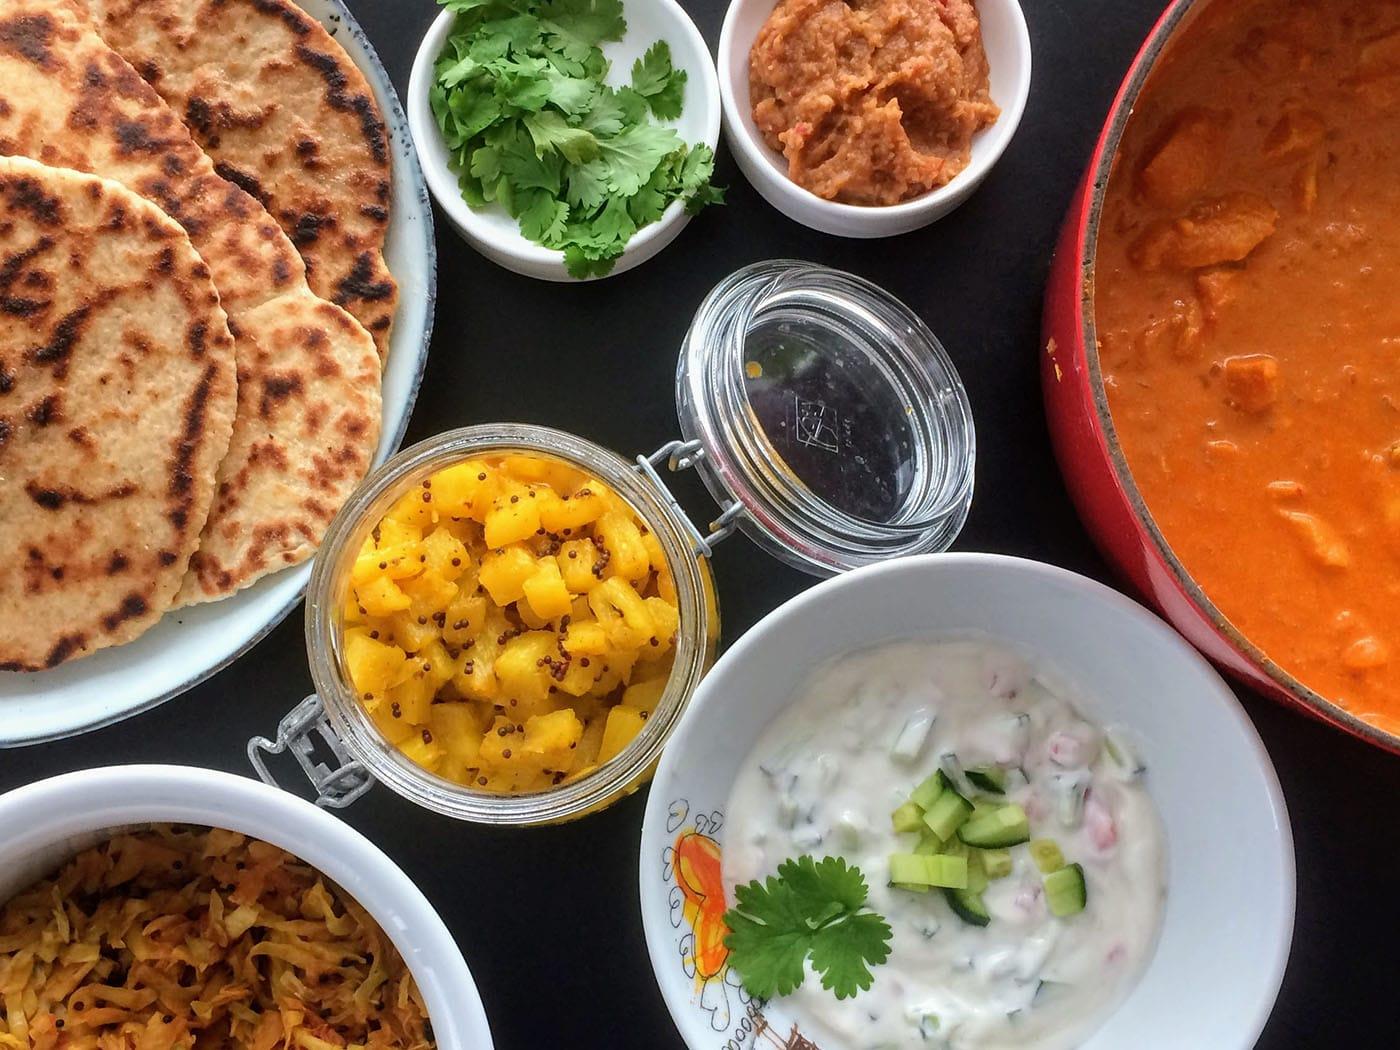 ananas pickles og ananas chutney opskrift hjemmelavet sådan laver man hvordan laver man forskel på pickles og chutney indisk mad